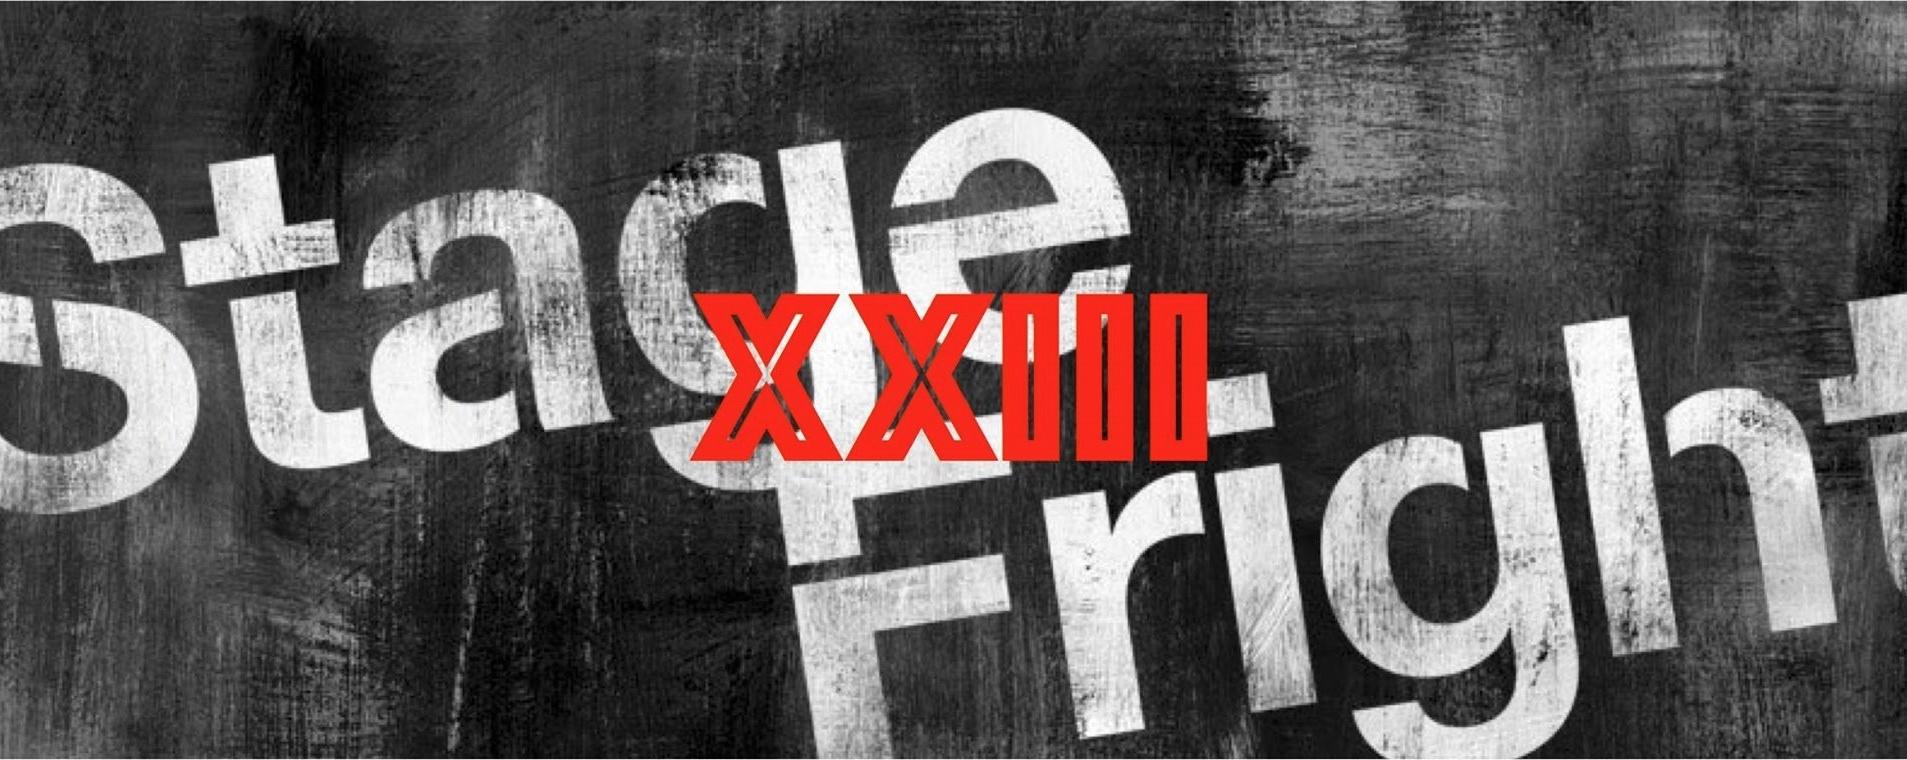 Stagefright XXIII